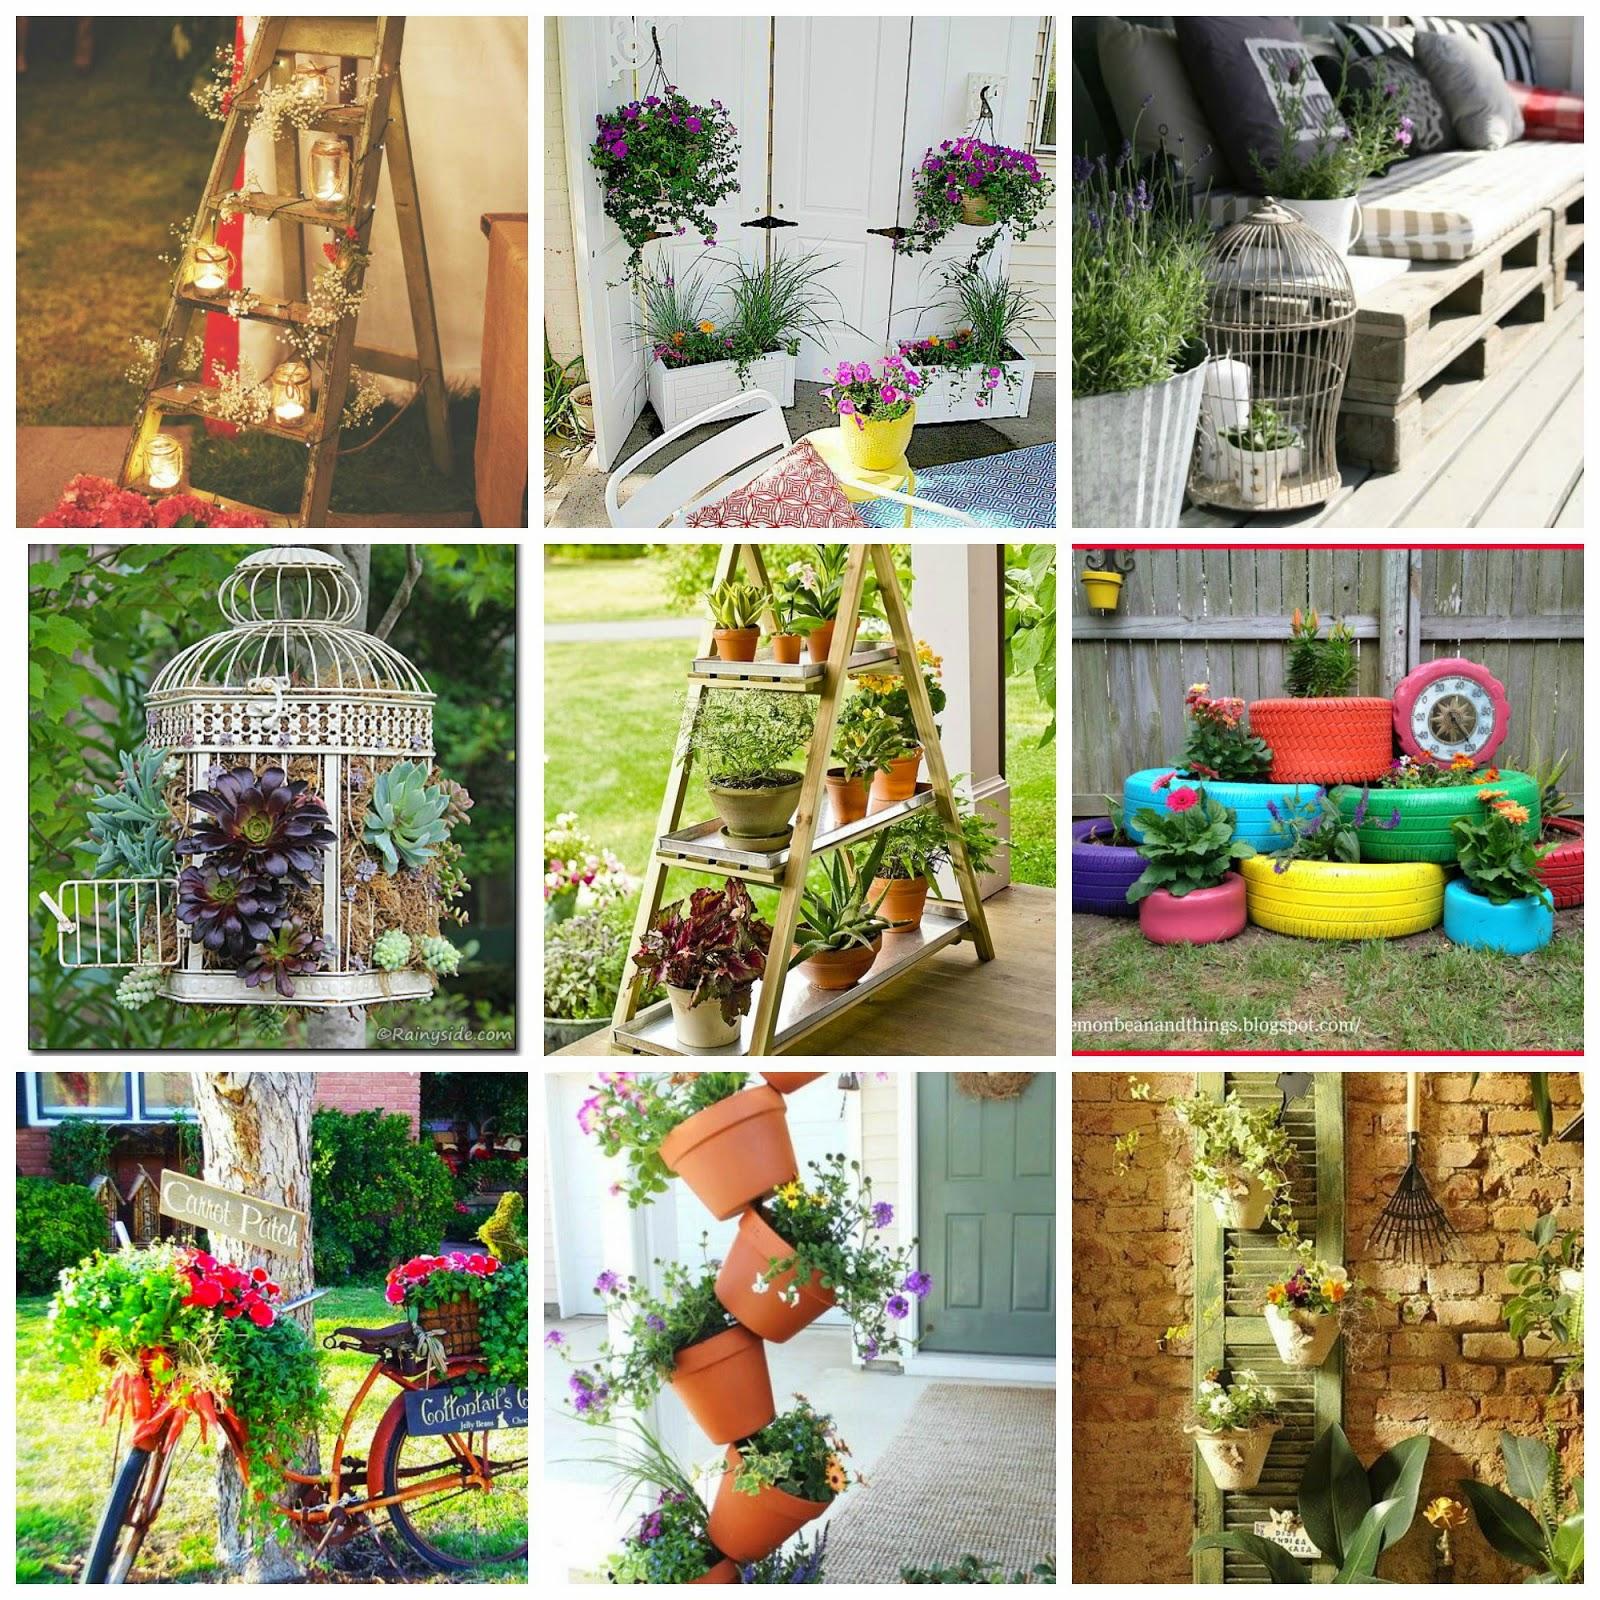 Idee fai da te per arredare il giardino donneinpink magazine for Idee creative per arredare